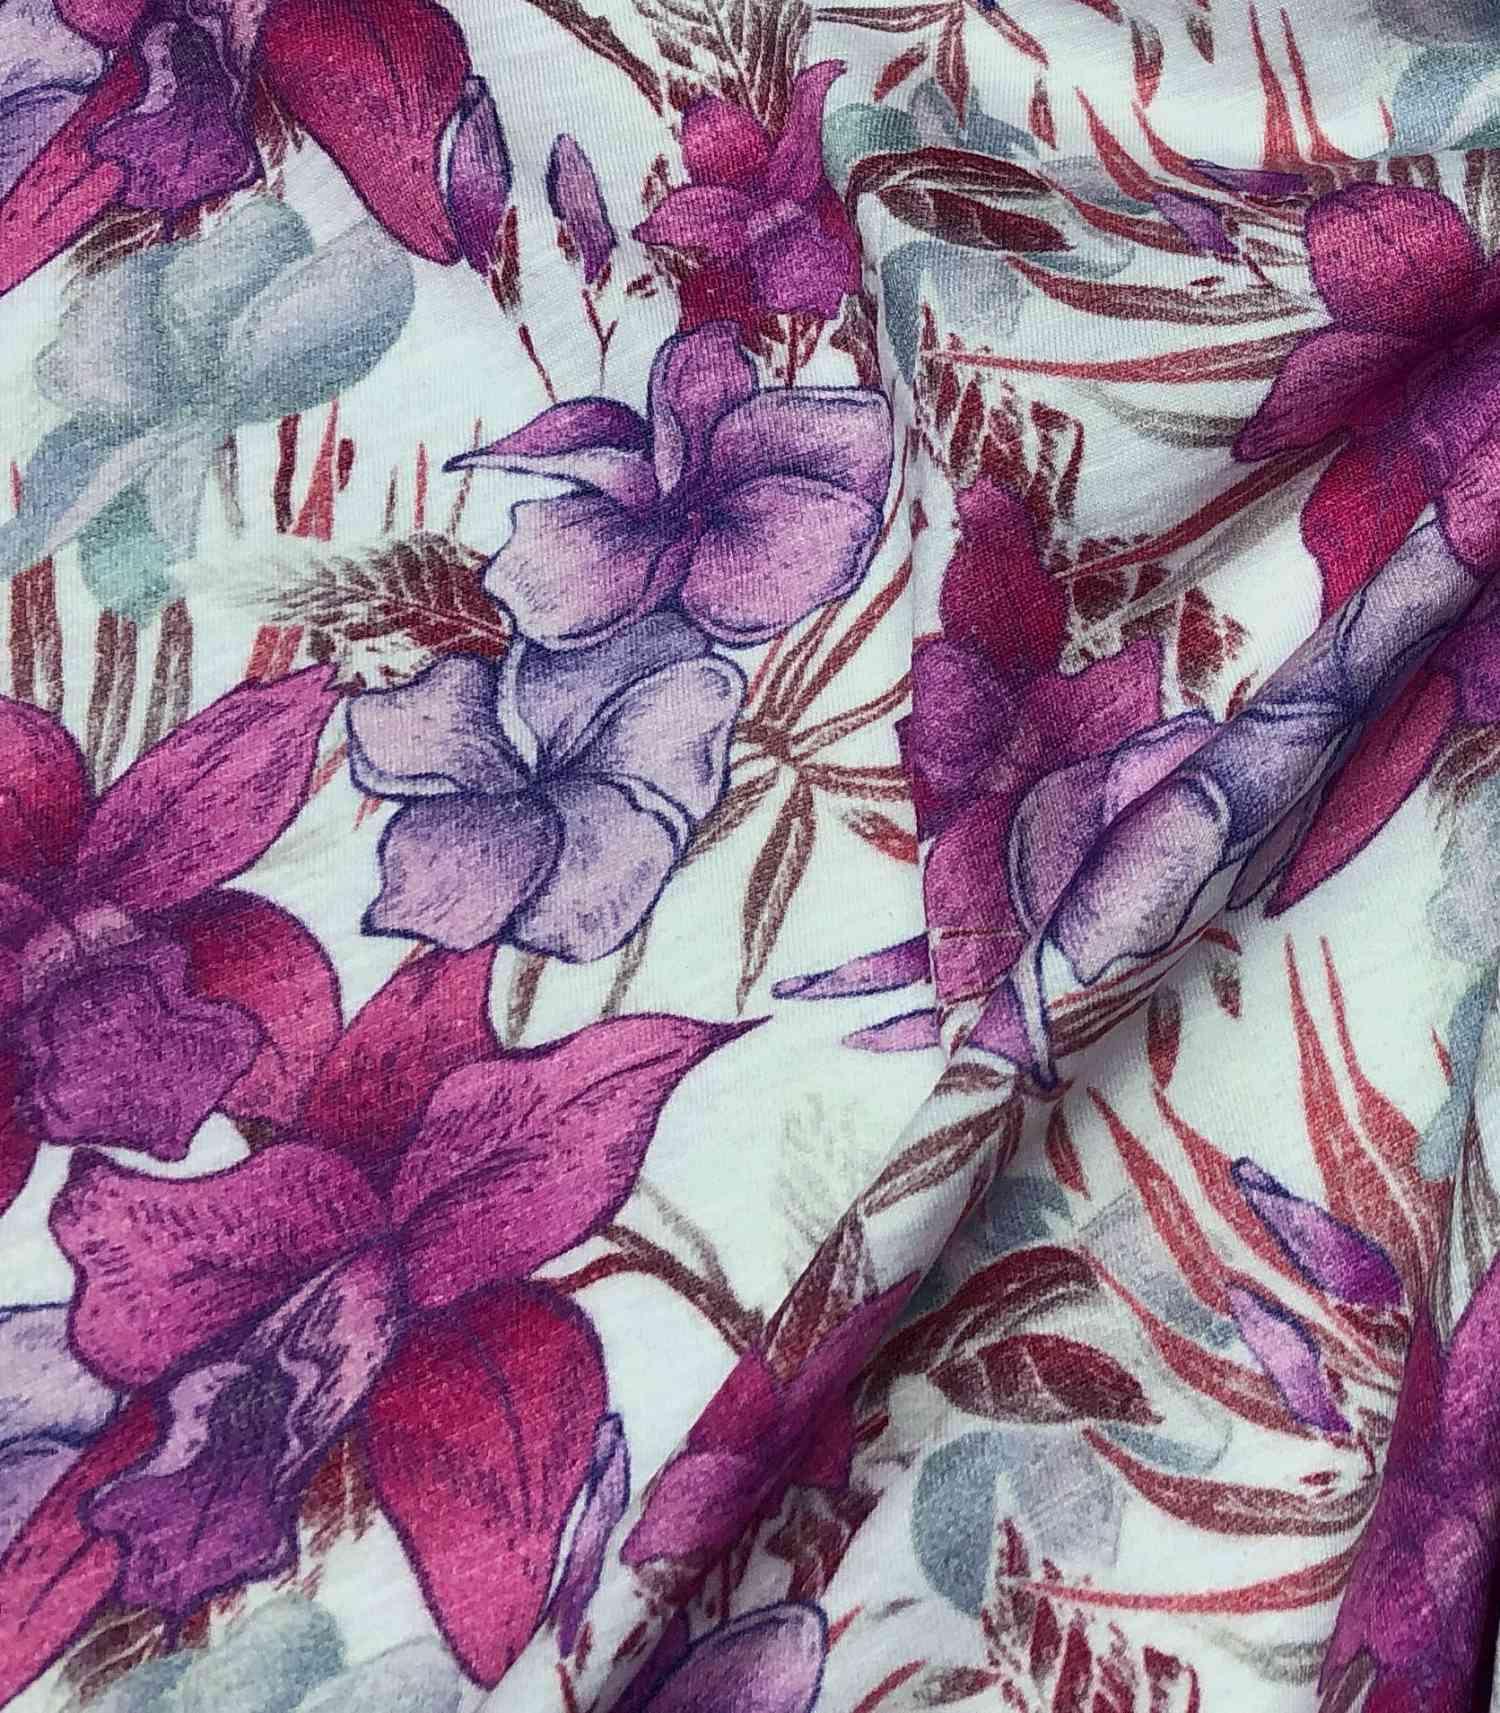 Printed Fabrics - viscose shantung - VISCOSE SHANTUNG Viscose Elastan